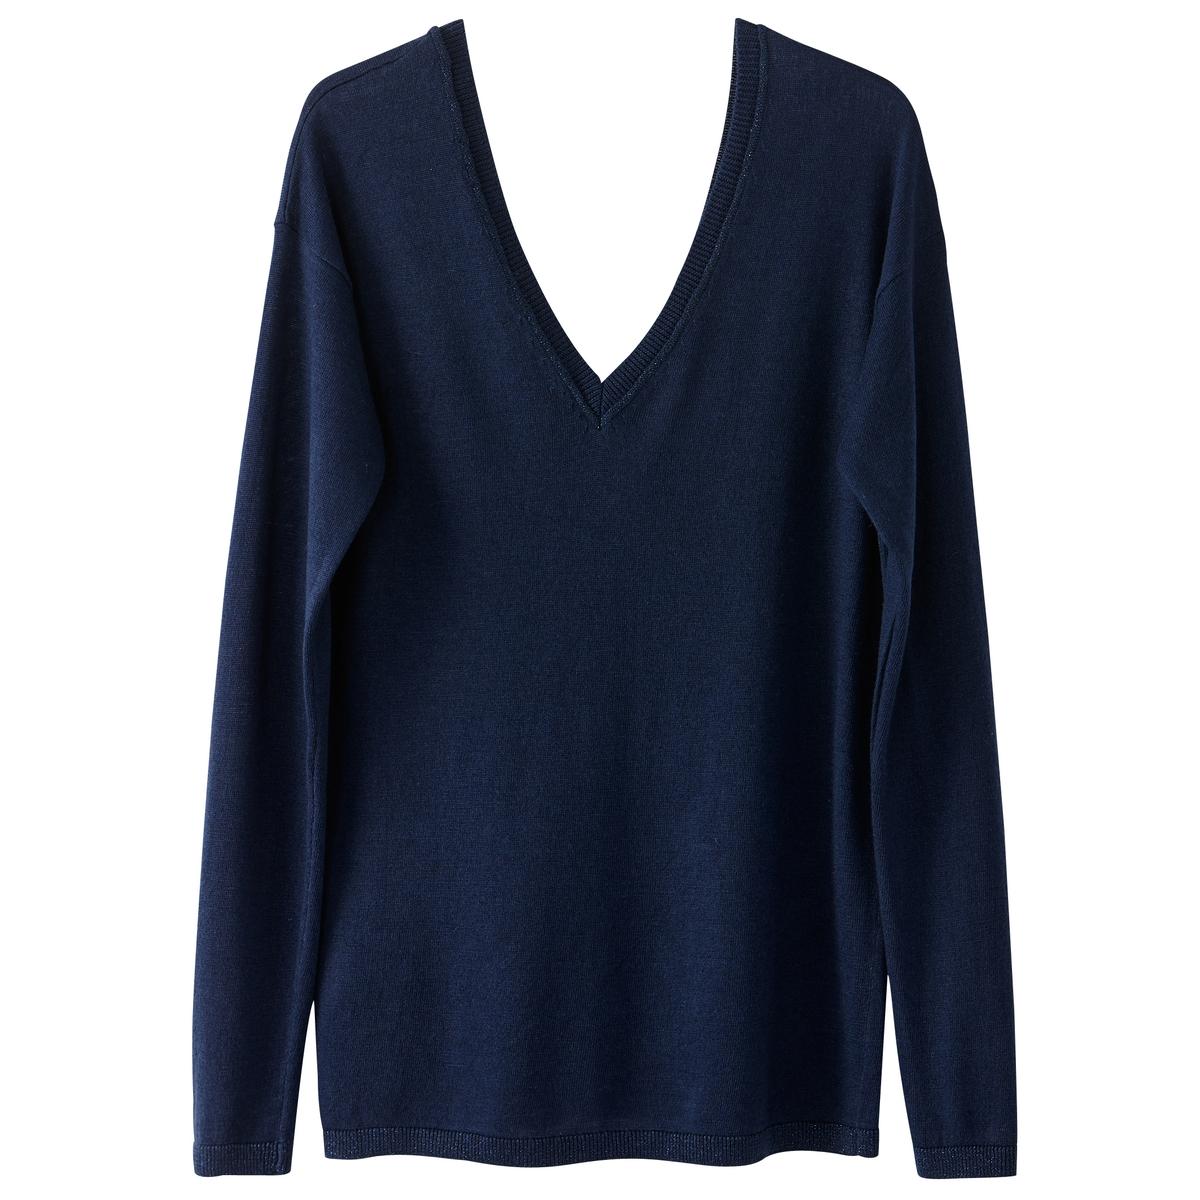 Пуловер стандартного покрояОписание •  Длинные рукава  •   V-образный вырез •  Тонкий трикотаж Состав и уход •  5% шерсти, 20% акрила, 20% полиамида, 55% полиэстера •  Следуйте рекомендациям по уходу, указанным на этикетке изделия<br><br>Цвет: синий,черный